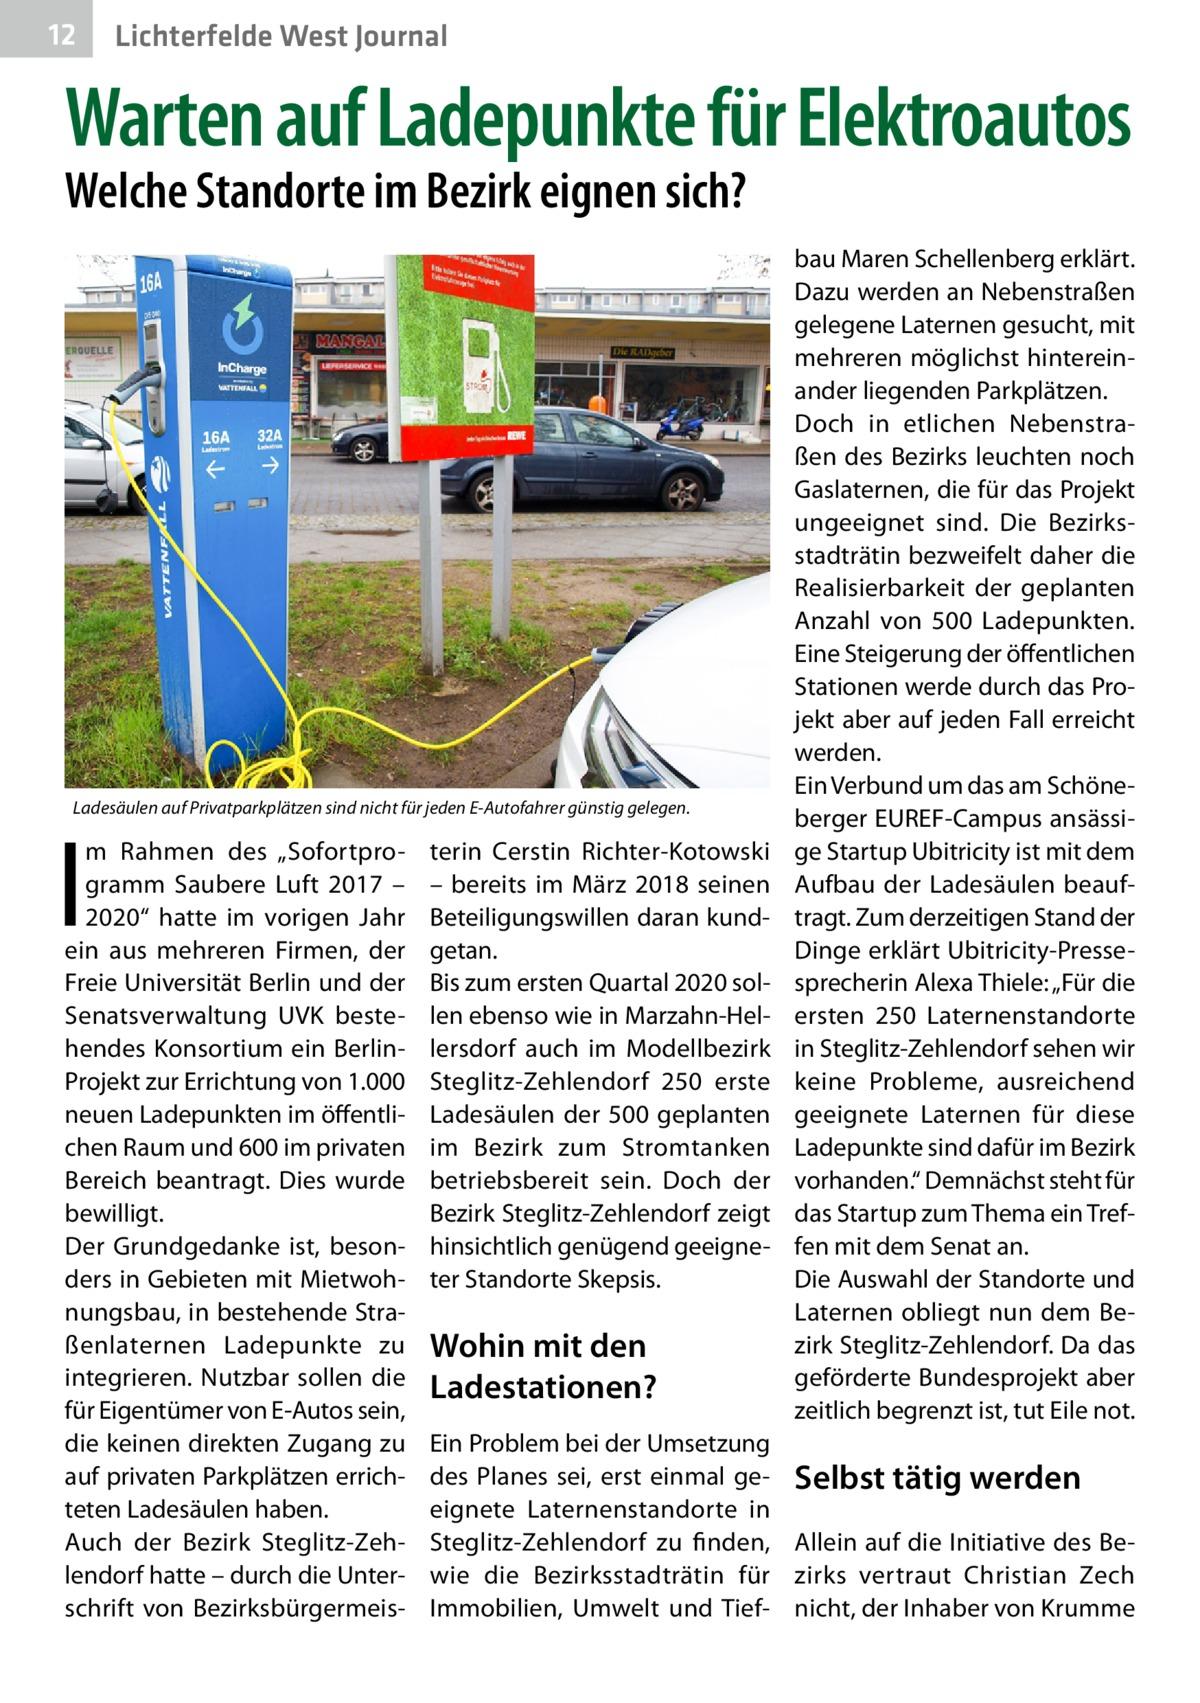 """12  Lichterfelde West Journal  Warten auf Ladepunkte für Elektroautos Welche Standorte im Bezirk eignen sich?  Ladesäulen auf Privatparkplätzen sind nicht für jeden E-Autofahrer günstig gelegen.  I  m Rahmen des """"Sofortprogramm Saubere Luft 2017 – 2020"""" hatte im vorigen Jahr ein aus mehreren Firmen, der Freie Universität Berlin und der Senatsverwaltung UVK bestehendes Konsortium ein BerlinProjekt zur Errichtung von 1.000 neuen Ladepunkten im öffentlichen Raum und 600 im privaten Bereich beantragt. Dies wurde bewilligt. Der Grundgedanke ist, besonders in Gebieten mit Mietwohnungsbau, in bestehende Straßenlaternen Ladepunkte zu integrieren. Nutzbar sollen die für Eigentümer von E-Autos sein, die keinen direkten Zugang zu auf privaten Parkplätzen errichteten Ladesäulen haben. Auch der Bezirk Steglitz-Zehlendorf hatte – durch die Unterschrift von Bezirksbürgermeis terin Cerstin Richter-Kotowski – bereits im März 2018 seinen Beteiligungswillen daran kundgetan. Bis zum ersten Quartal 2020 sollen ebenso wie in Marzahn-Hellersdorf auch im Modellbezirk Steglitz-Zehlendorf 250 erste Ladesäulen der 500 geplanten im Bezirk zum Stromtanken betriebsbereit sein. Doch der Bezirk Steglitz-Zehlendorf zeigt hinsichtlich genügend geeigneter Standorte Skepsis.  Wohin mit den Ladestationen?  bau Maren Schellenberg erklärt. Dazu werden an Nebenstraßen gelegene Laternen gesucht, mit mehreren möglichst hintereinander liegenden Parkplätzen. Doch in etlichen Nebenstraßen des Bezirks leuchten noch Gaslaternen, die für das Projekt ungeeignet sind. Die Bezirksstadträtin bezweifelt daher die Realisierbarkeit der geplanten Anzahl von 500 Ladepunkten. Eine Steigerung der öffentlichen Stationen werde durch das Projekt aber auf jeden Fall erreicht werden. Ein Verbund um das am Schöneberger EUREF-Campus ansässige Startup Ubitricity ist mit dem Aufbau der Ladesäulen beauftragt. Zum derzeitigen Stand der Dinge erklärt Ubitricity-Pressesprecherin Alexa Thiele: """"Für die ersten 250 Laternenstandorte in Ste"""